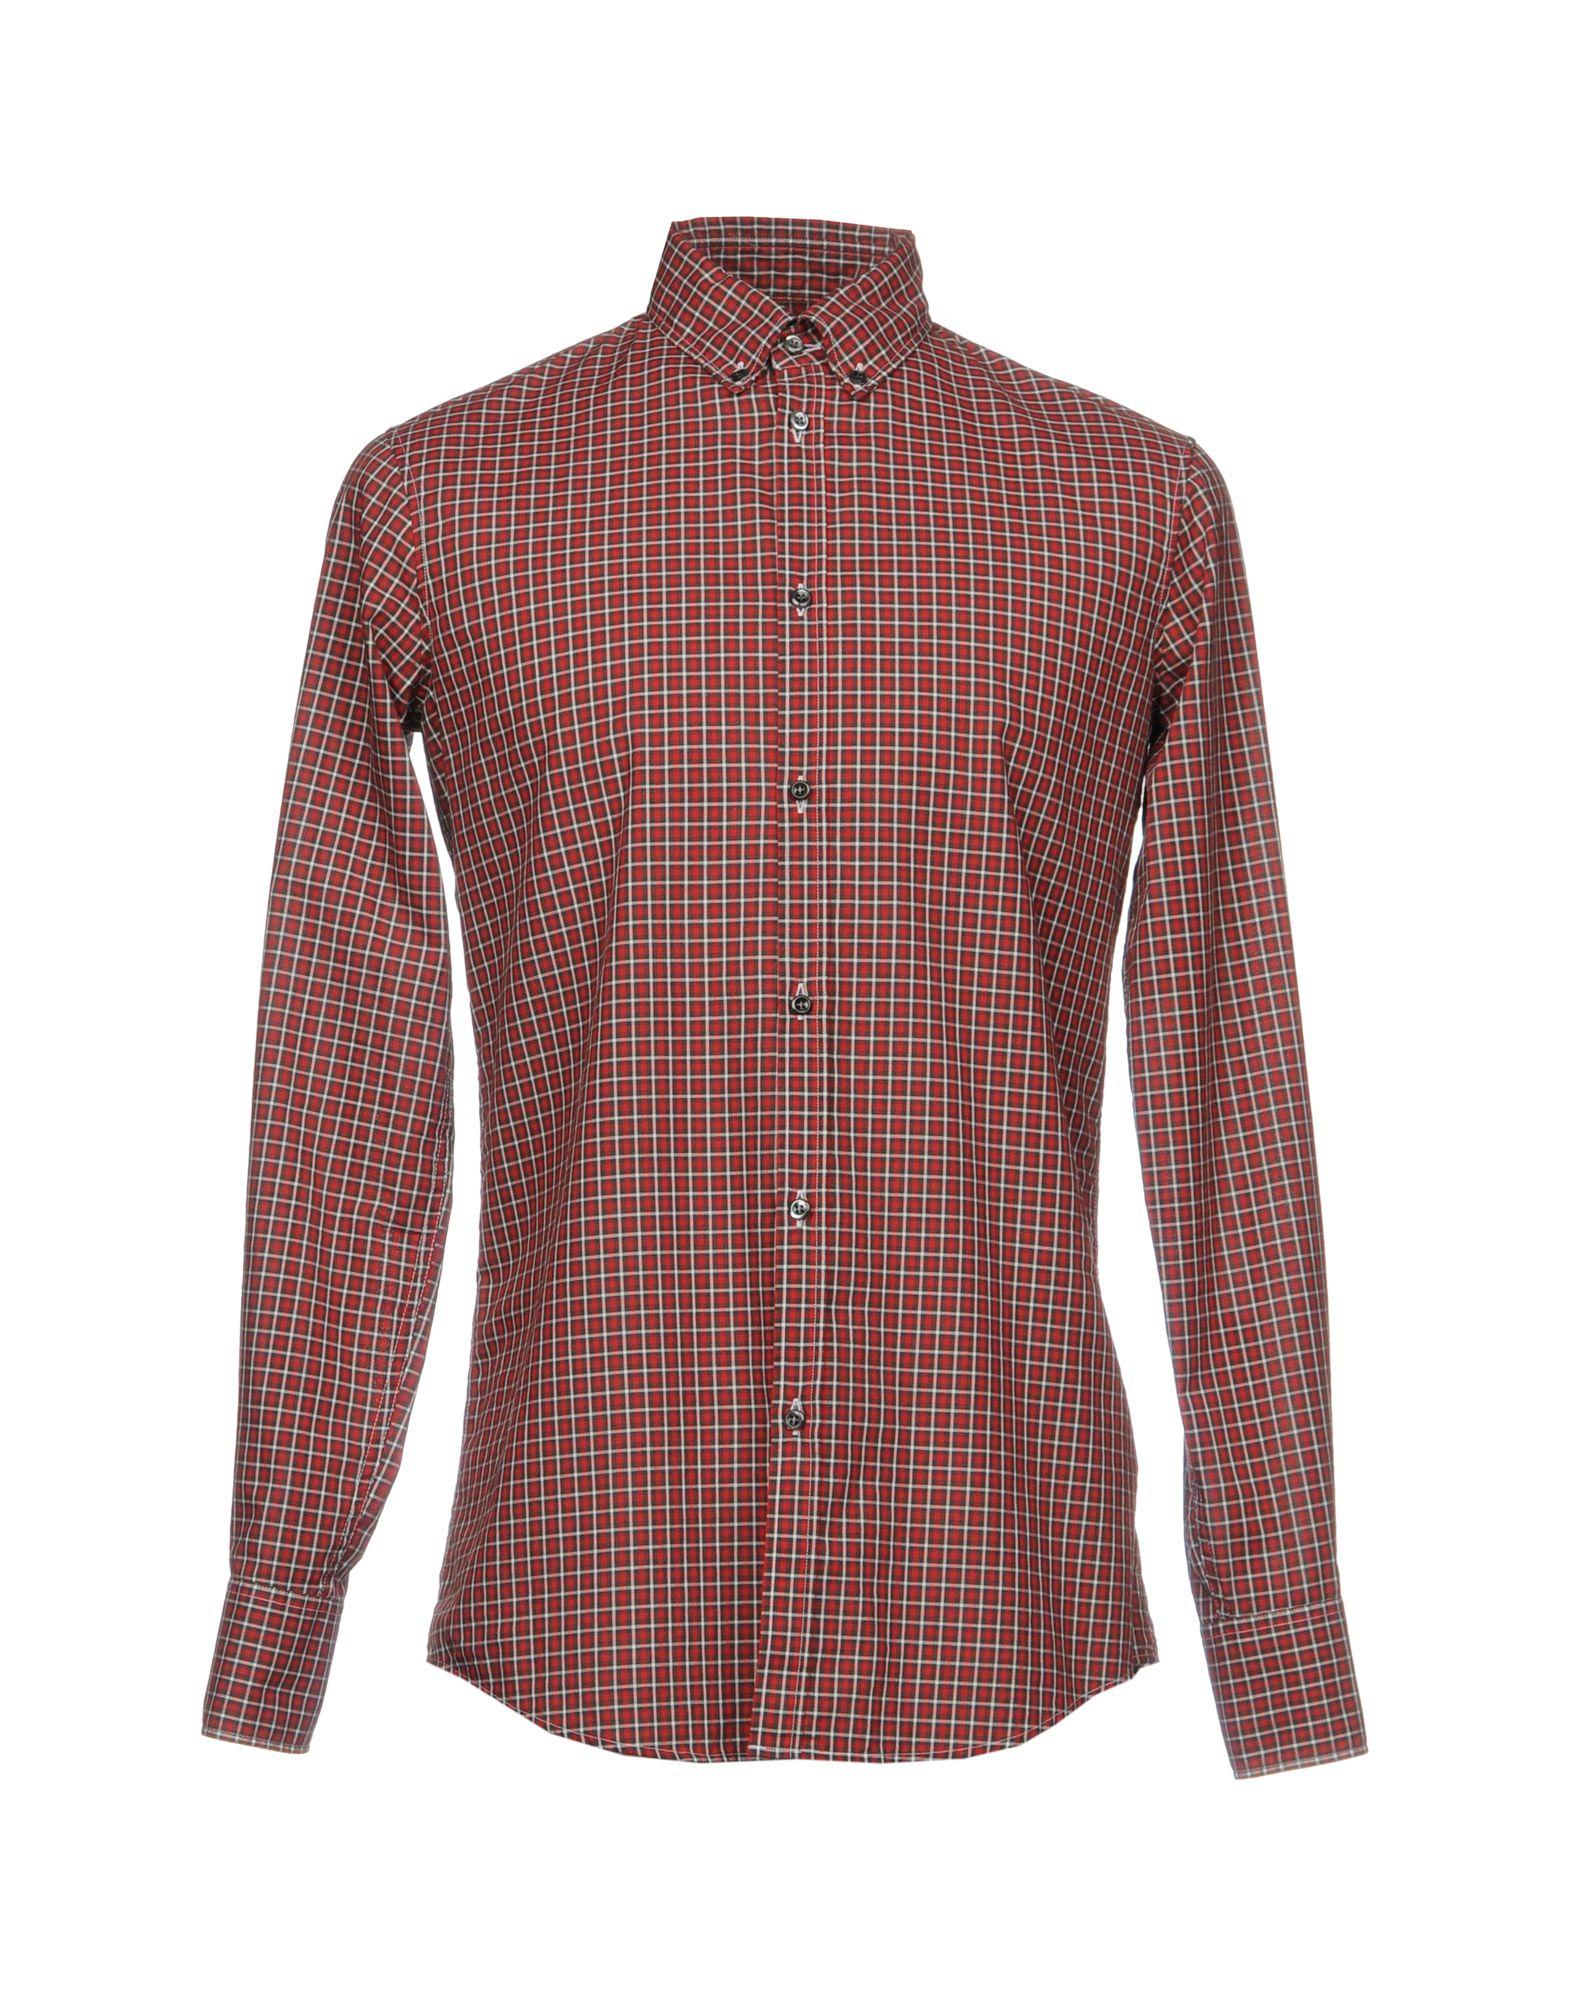 DSQUARED2 Herren Hemd Farbe Ziegelrot Größe 6